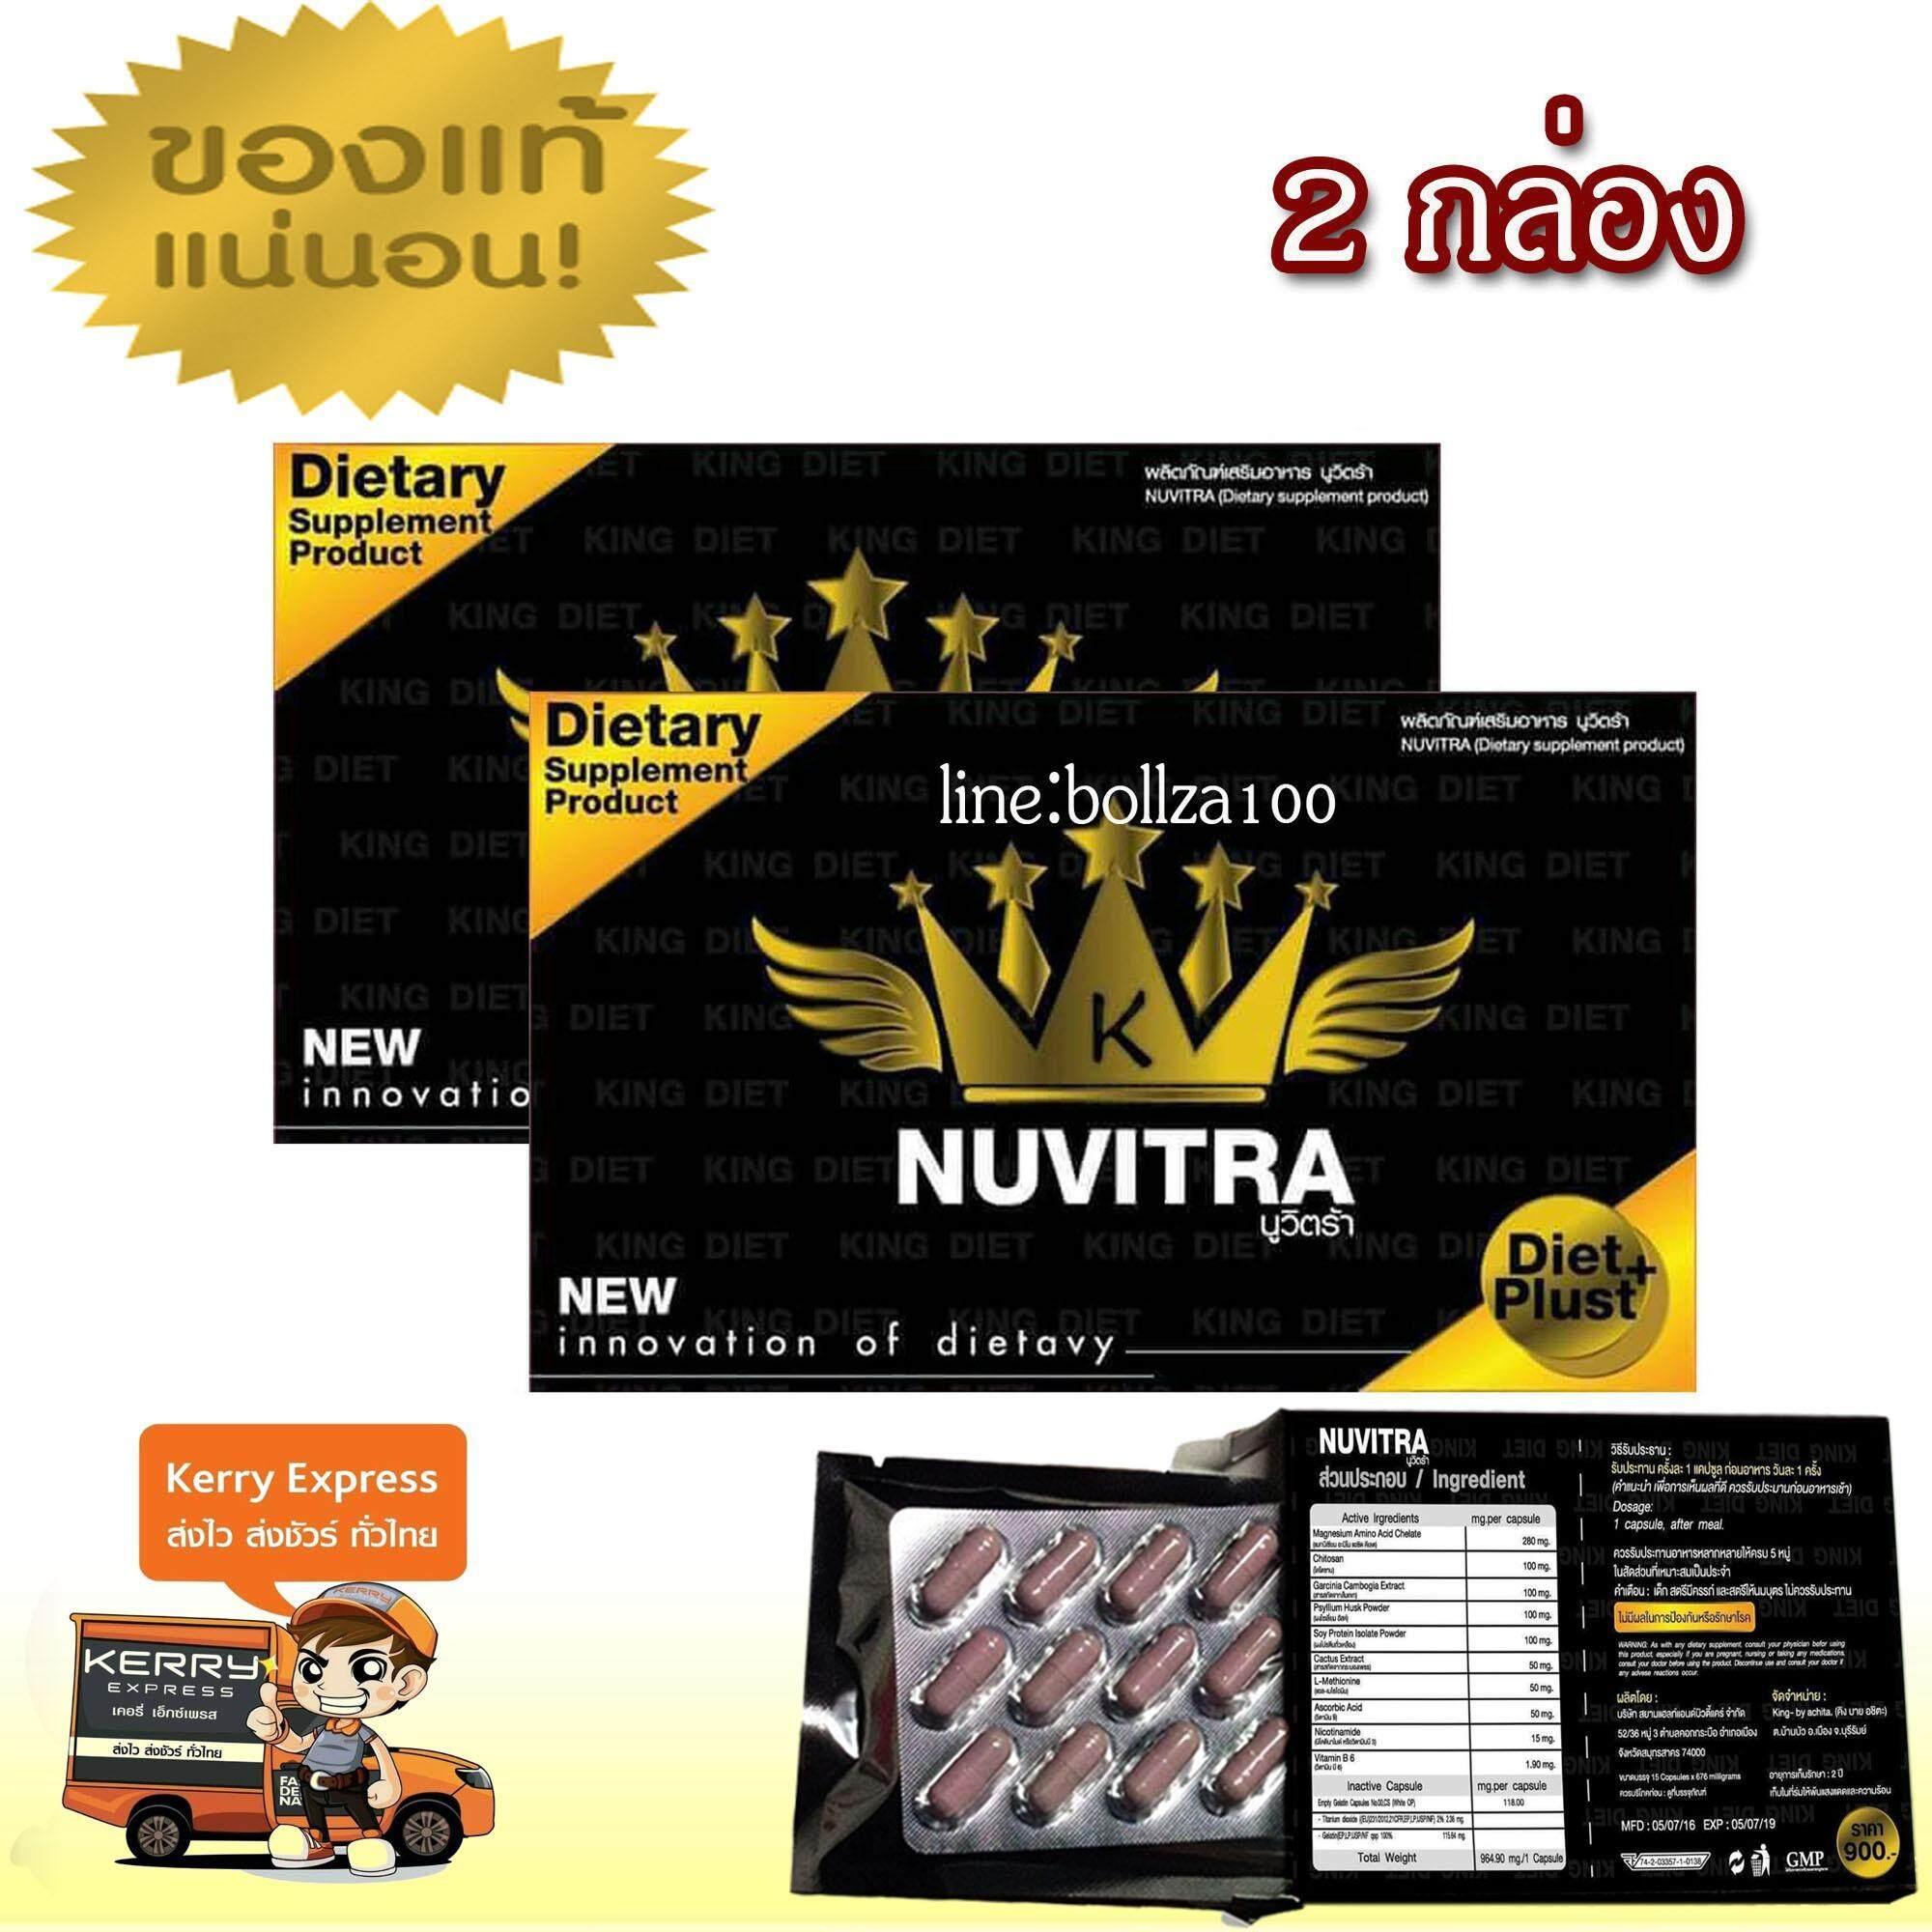 นูวิตร้า Nuvitra ลดน้ำหนัก สูตรดื้อยา 2 กล่อง ของแท้ 100 ใหม่ล่าสุด